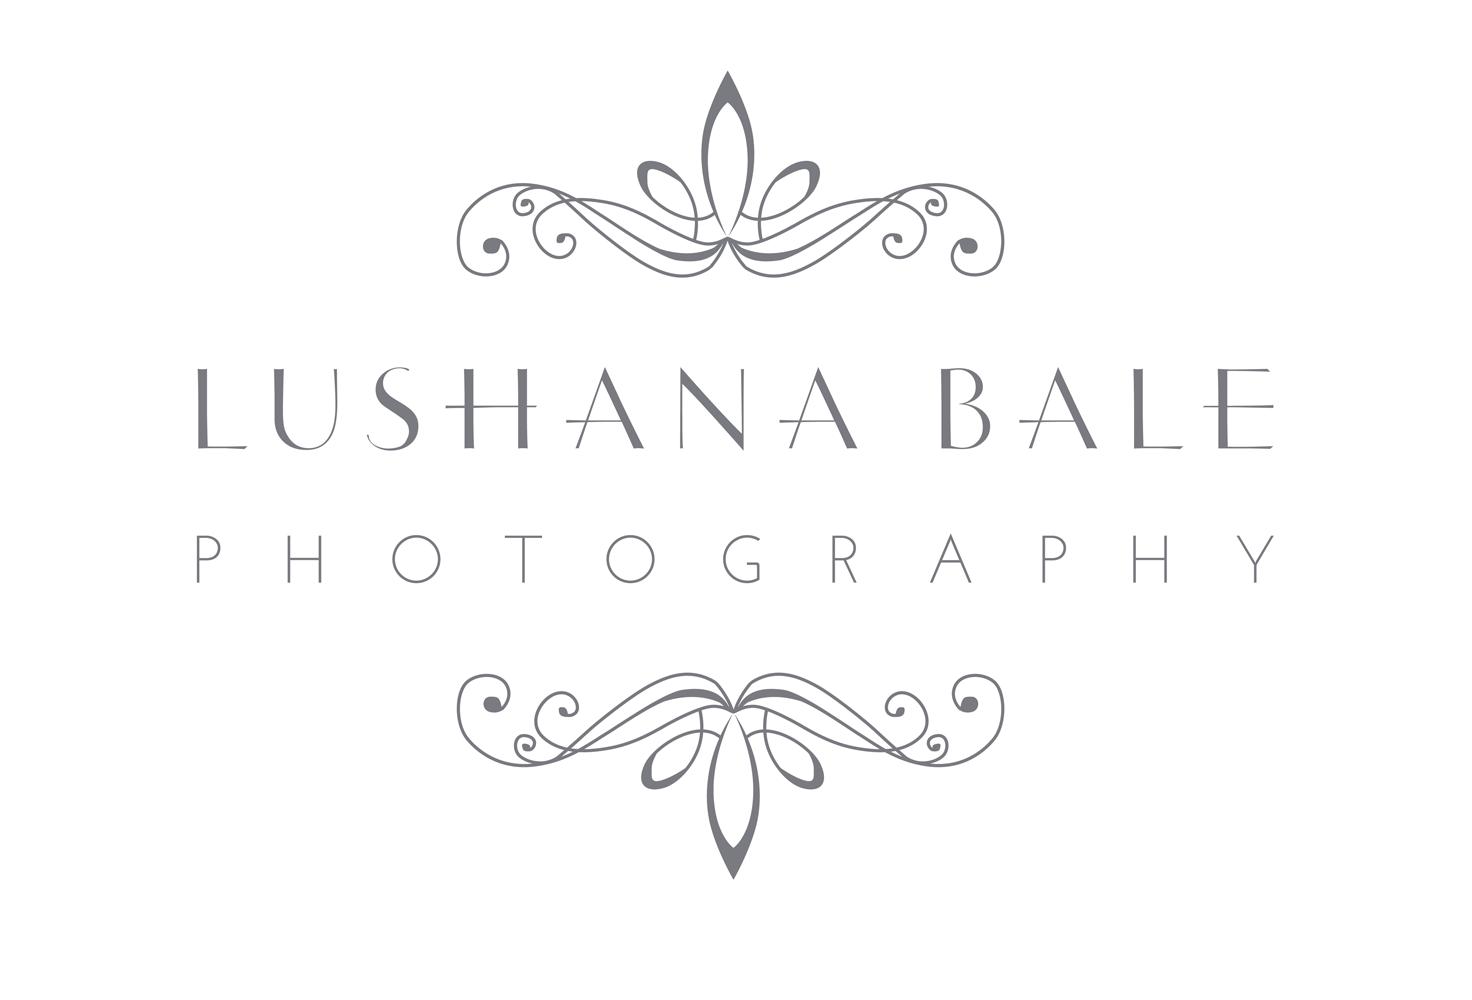 Toronto Wedding Photographer | Lushana Bale Photography